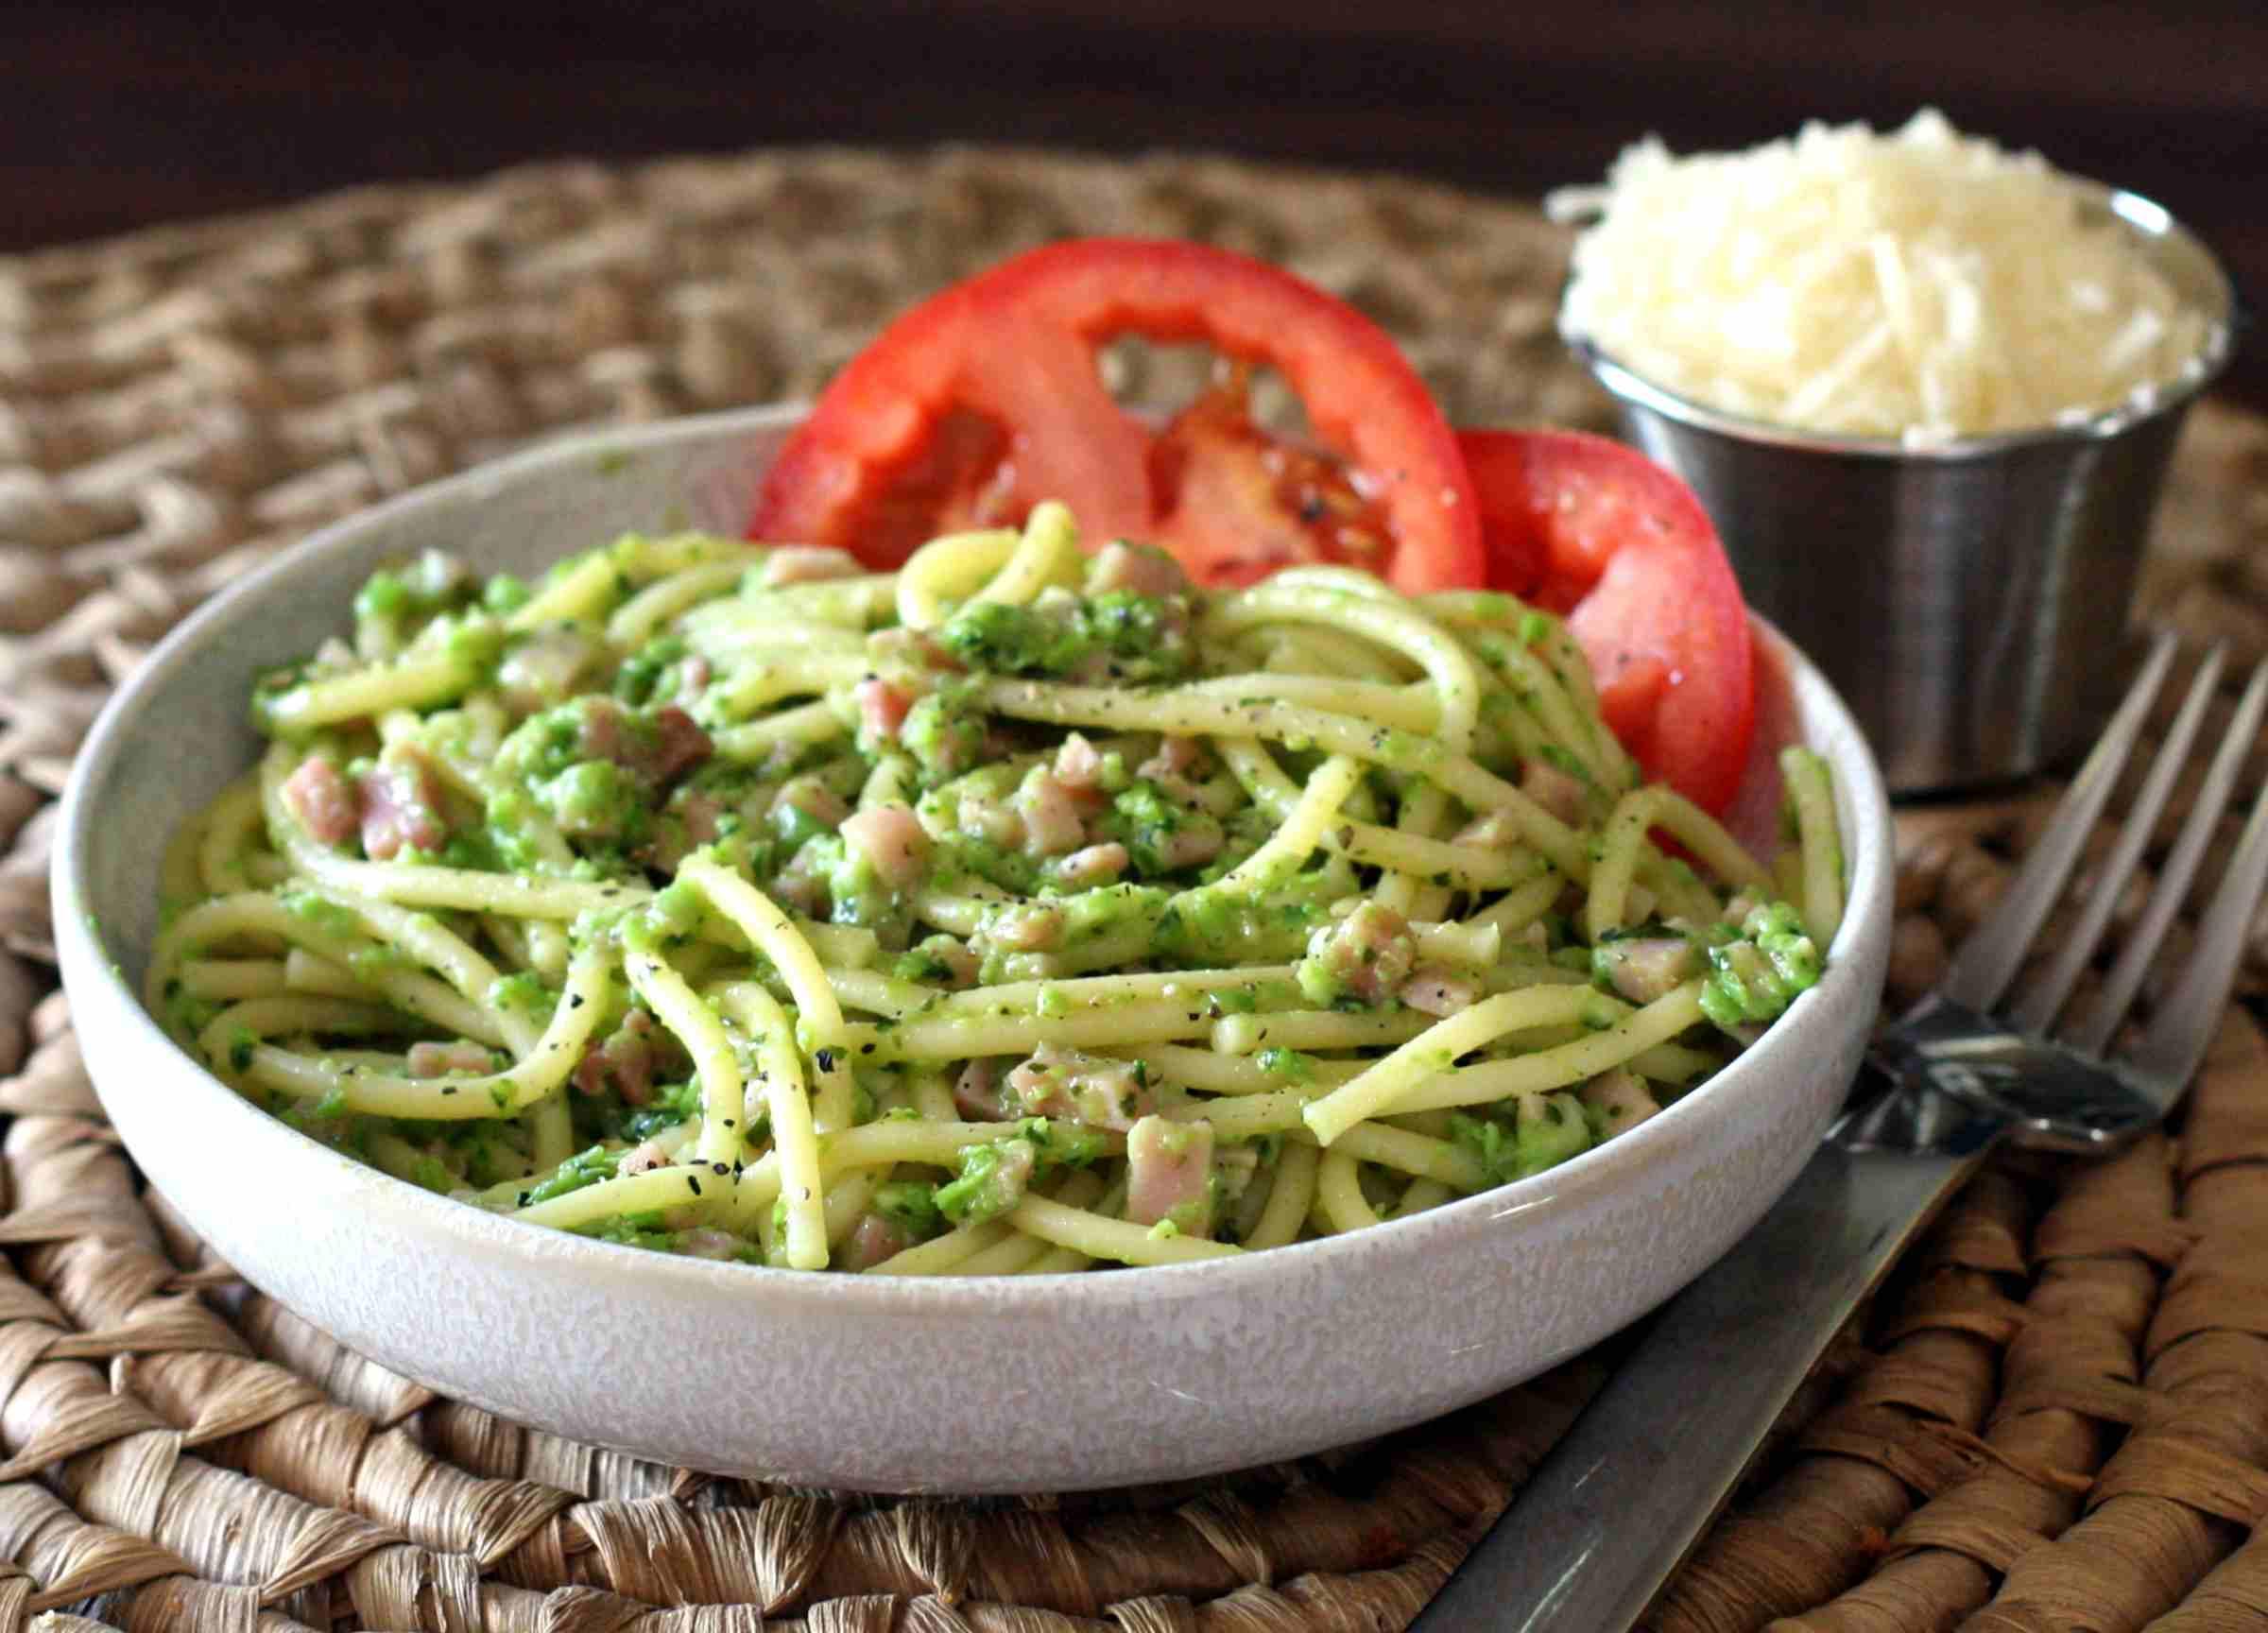 English Pea Pesto and Spaghetti